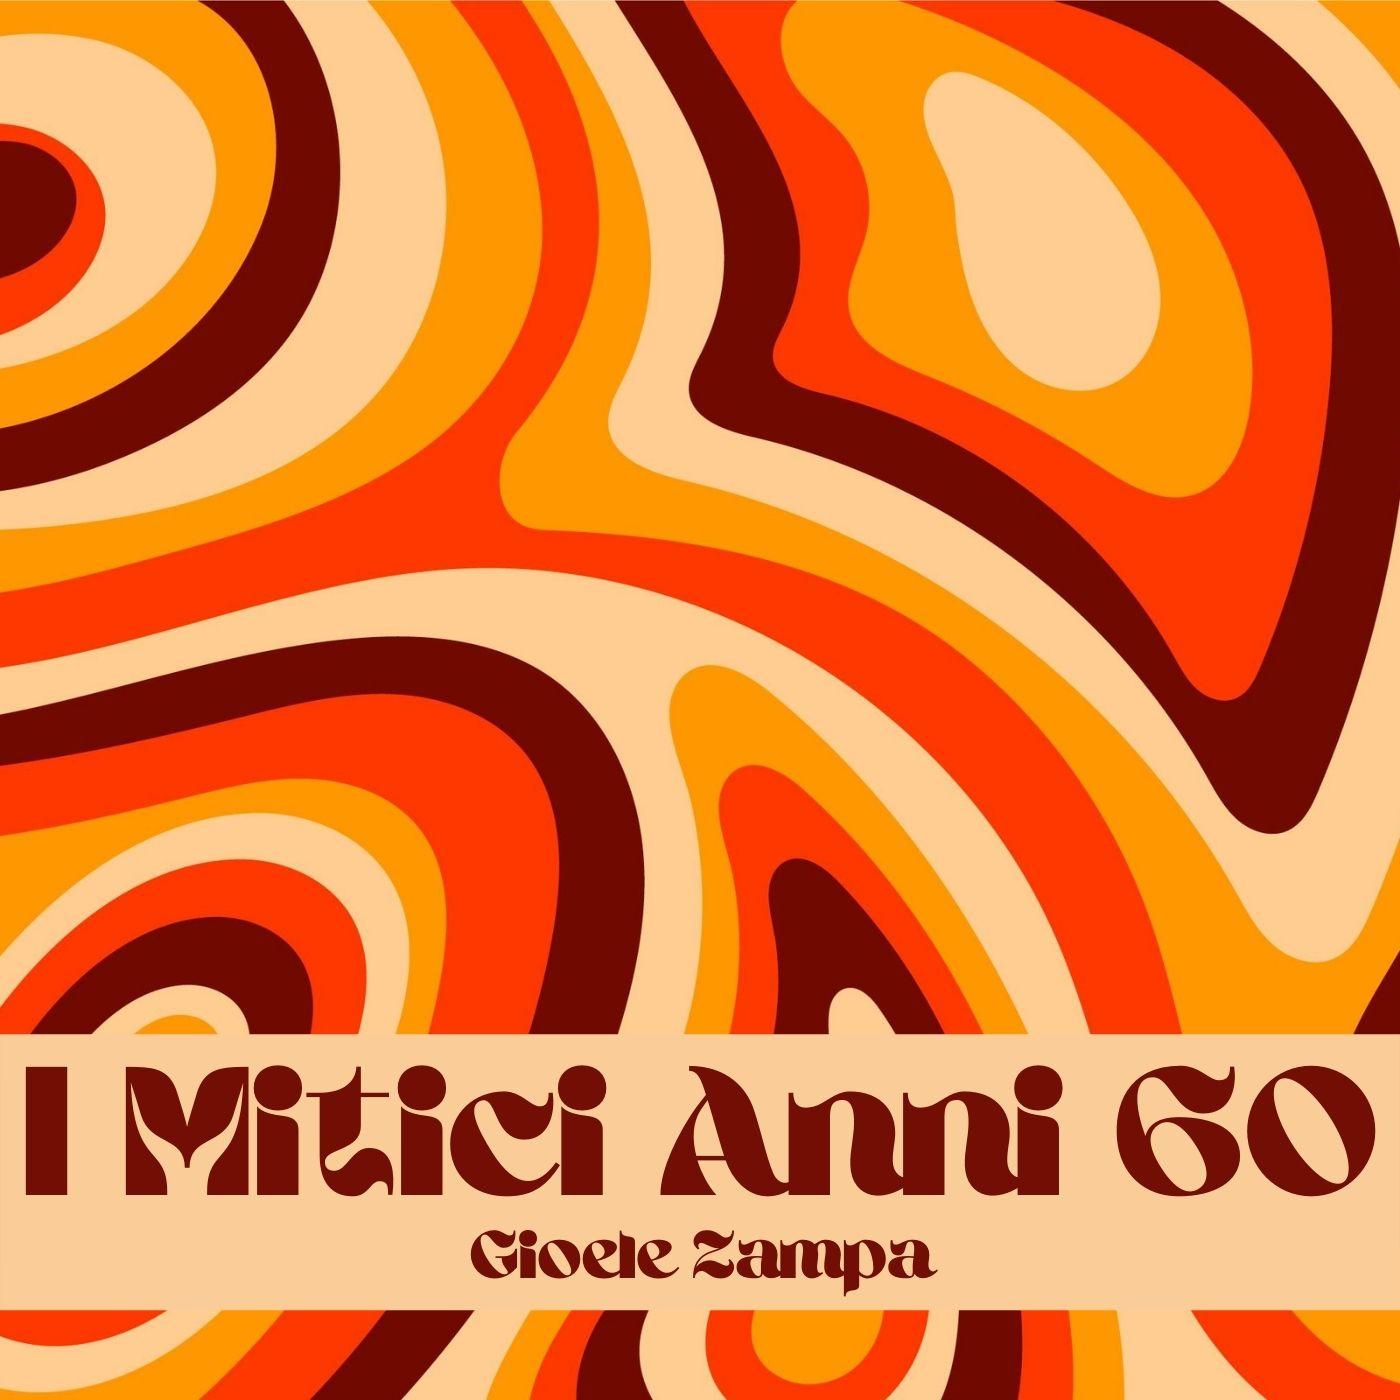 Gioele Zampa - I mitici anni '60